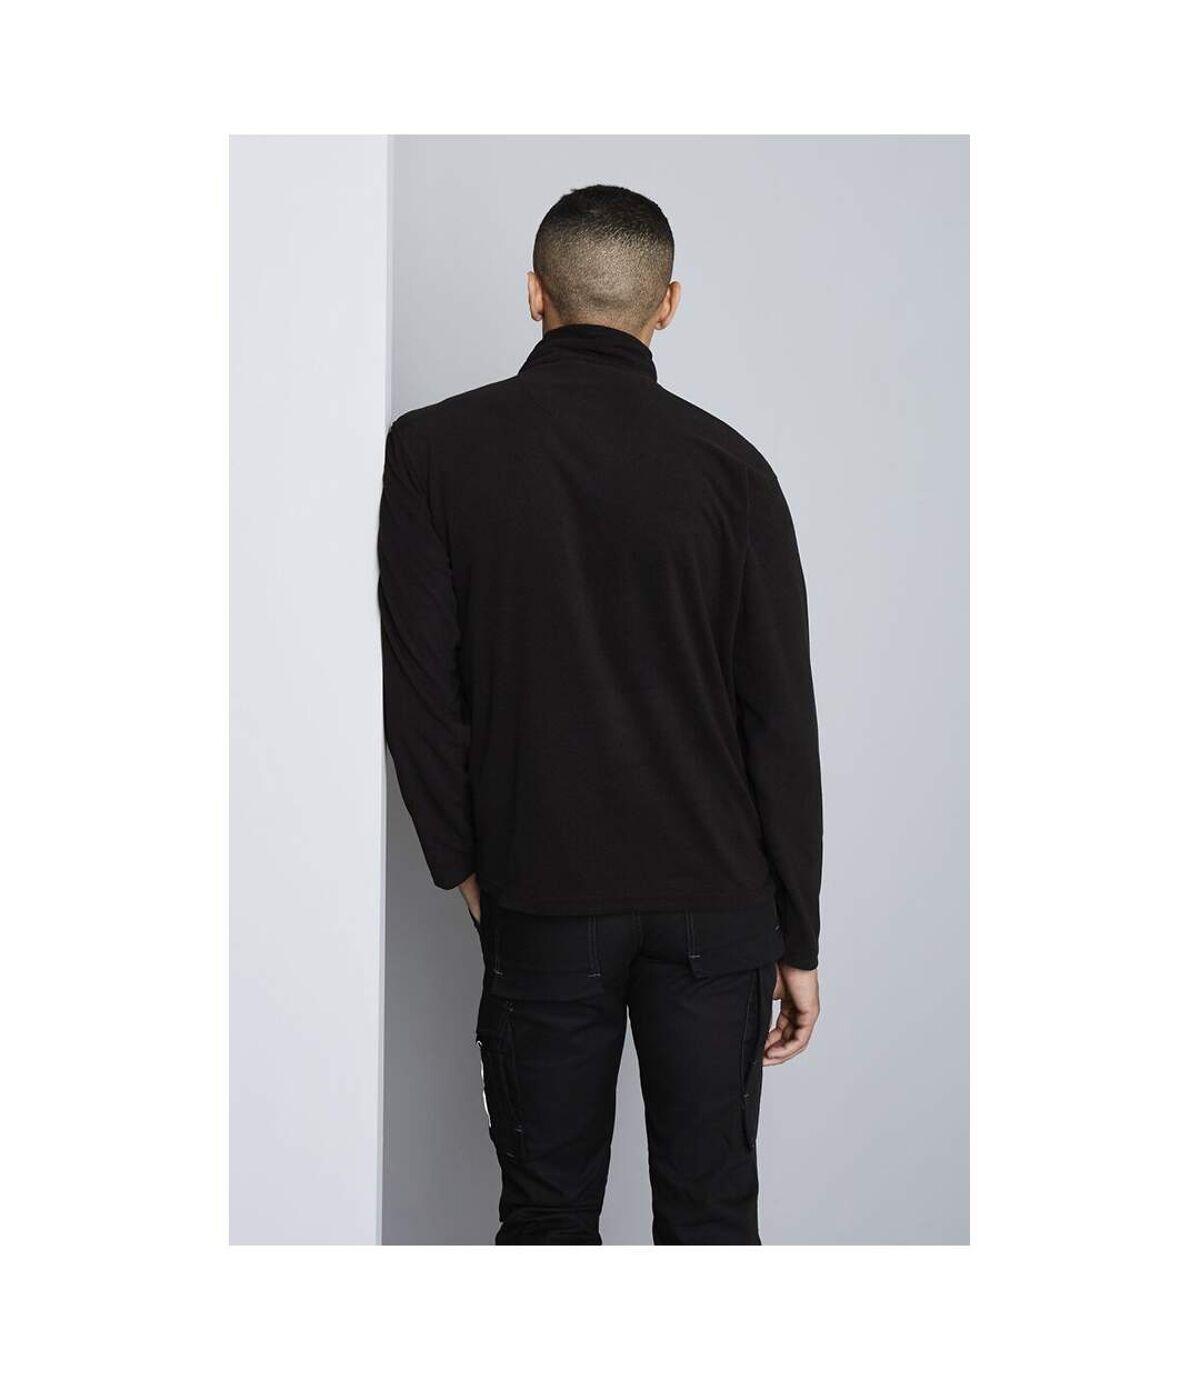 Regatta - Polaire - Homme (Noir) - UTBC830